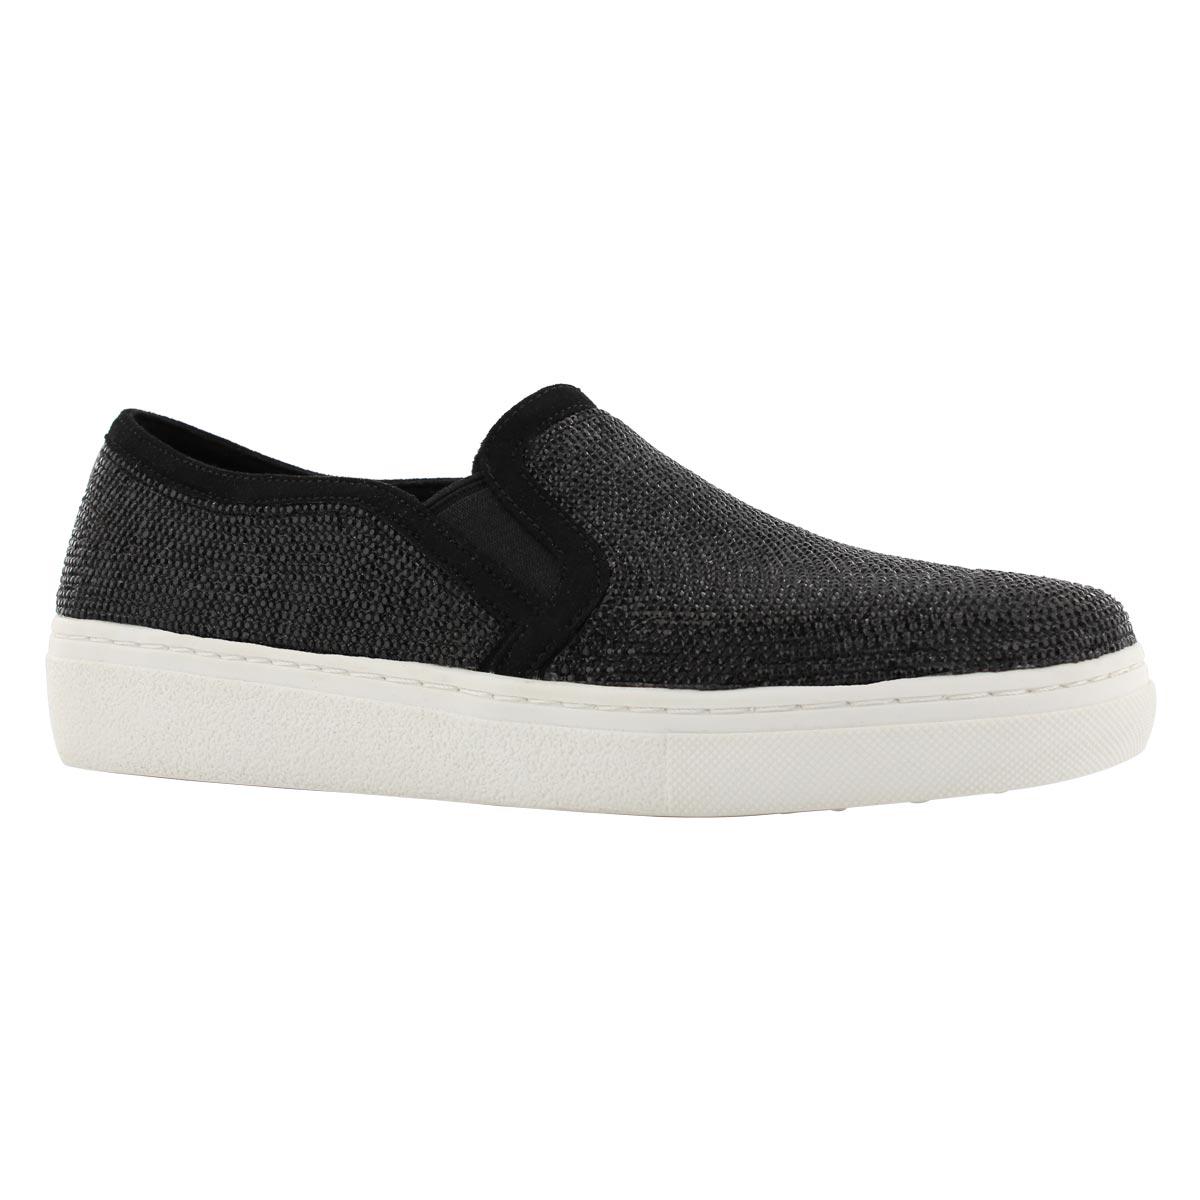 Lds Goldie Flashow blk slip on shoe